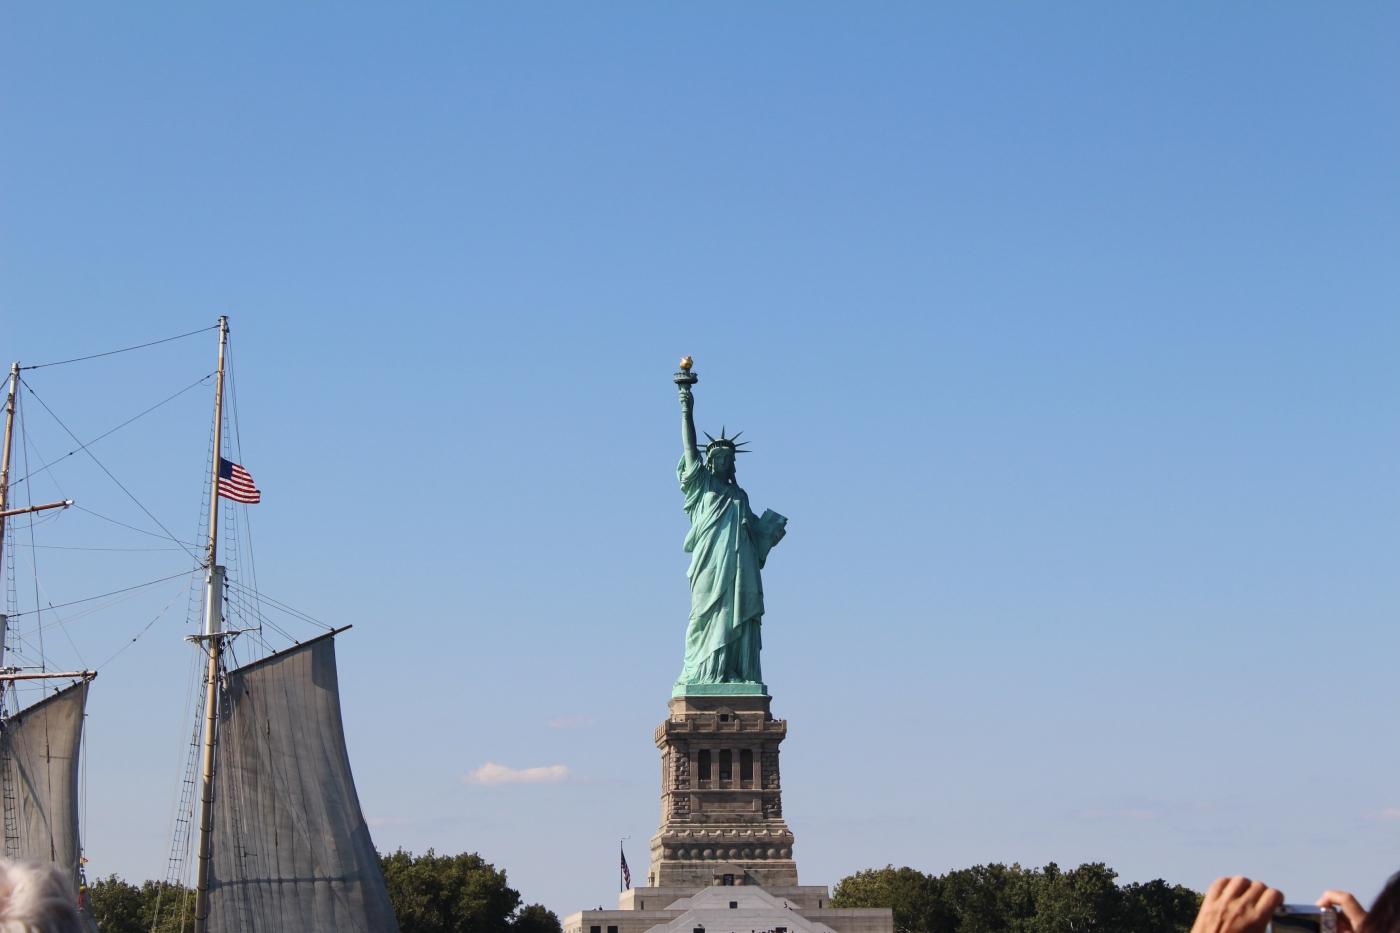 Amerika_Travel_Julispiration_11